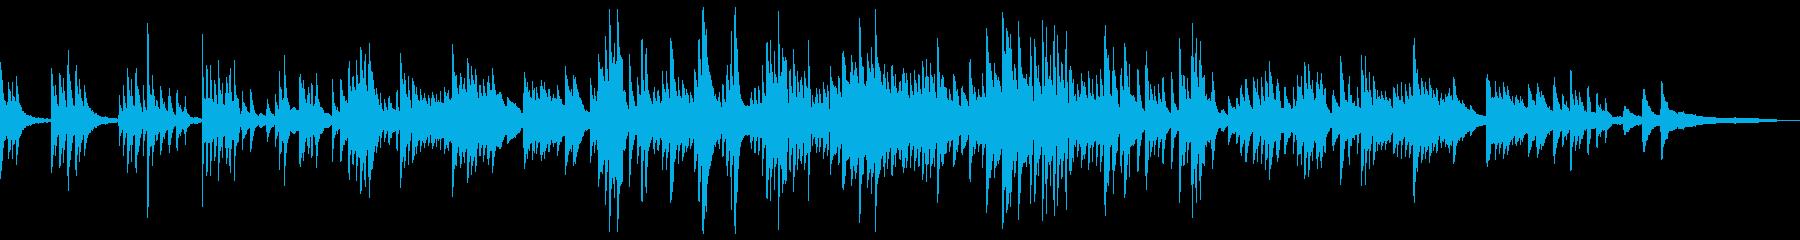 わらべ歌の和風曲2(A)-タックピアノの再生済みの波形